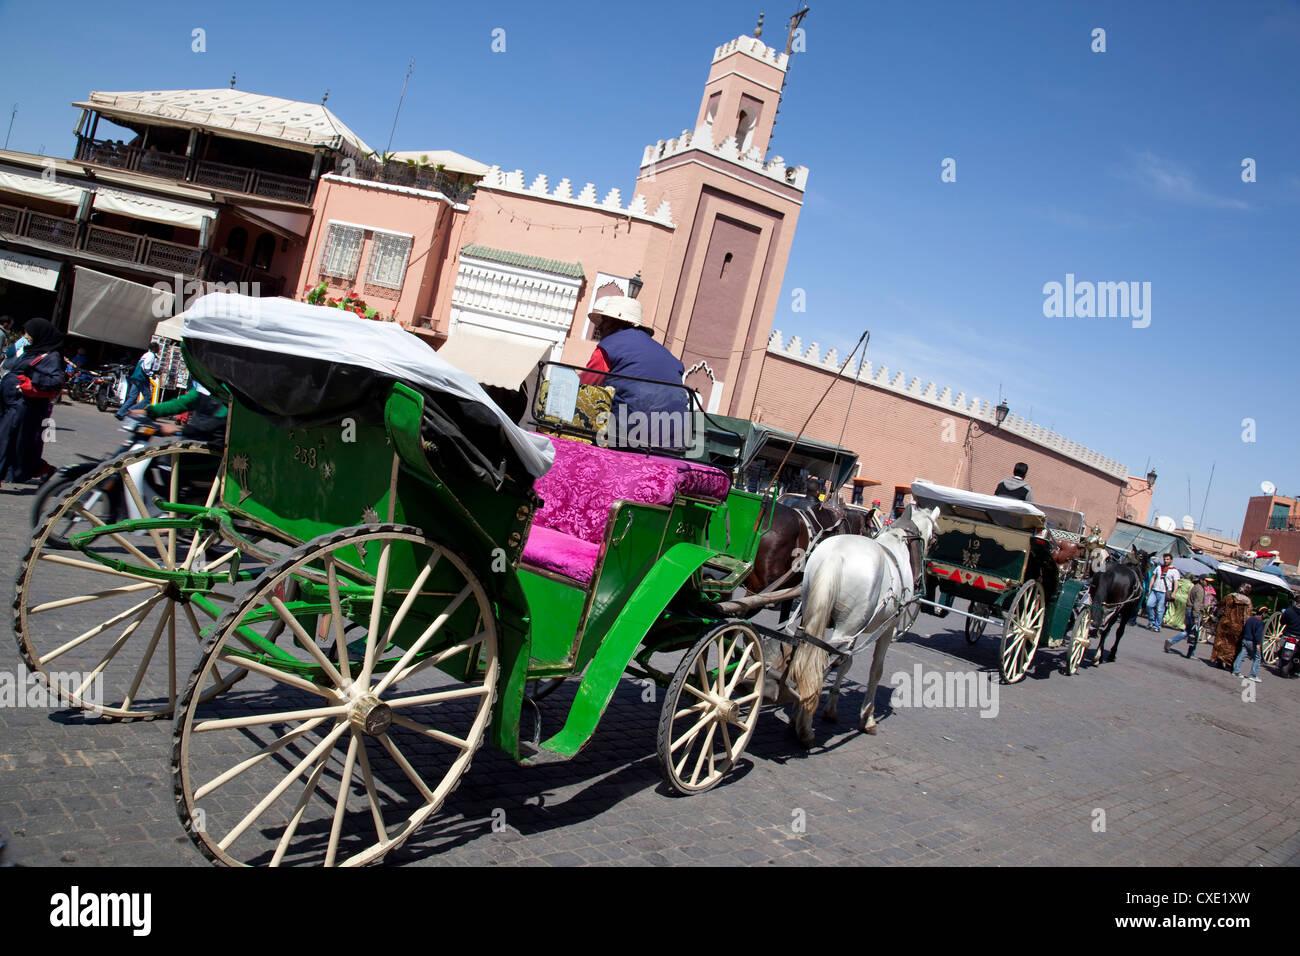 Cavallo e Carrozza, Piazza Jemaa El Fna a Marrakech, Marocco, Africa Settentrionale, Africa Immagini Stock